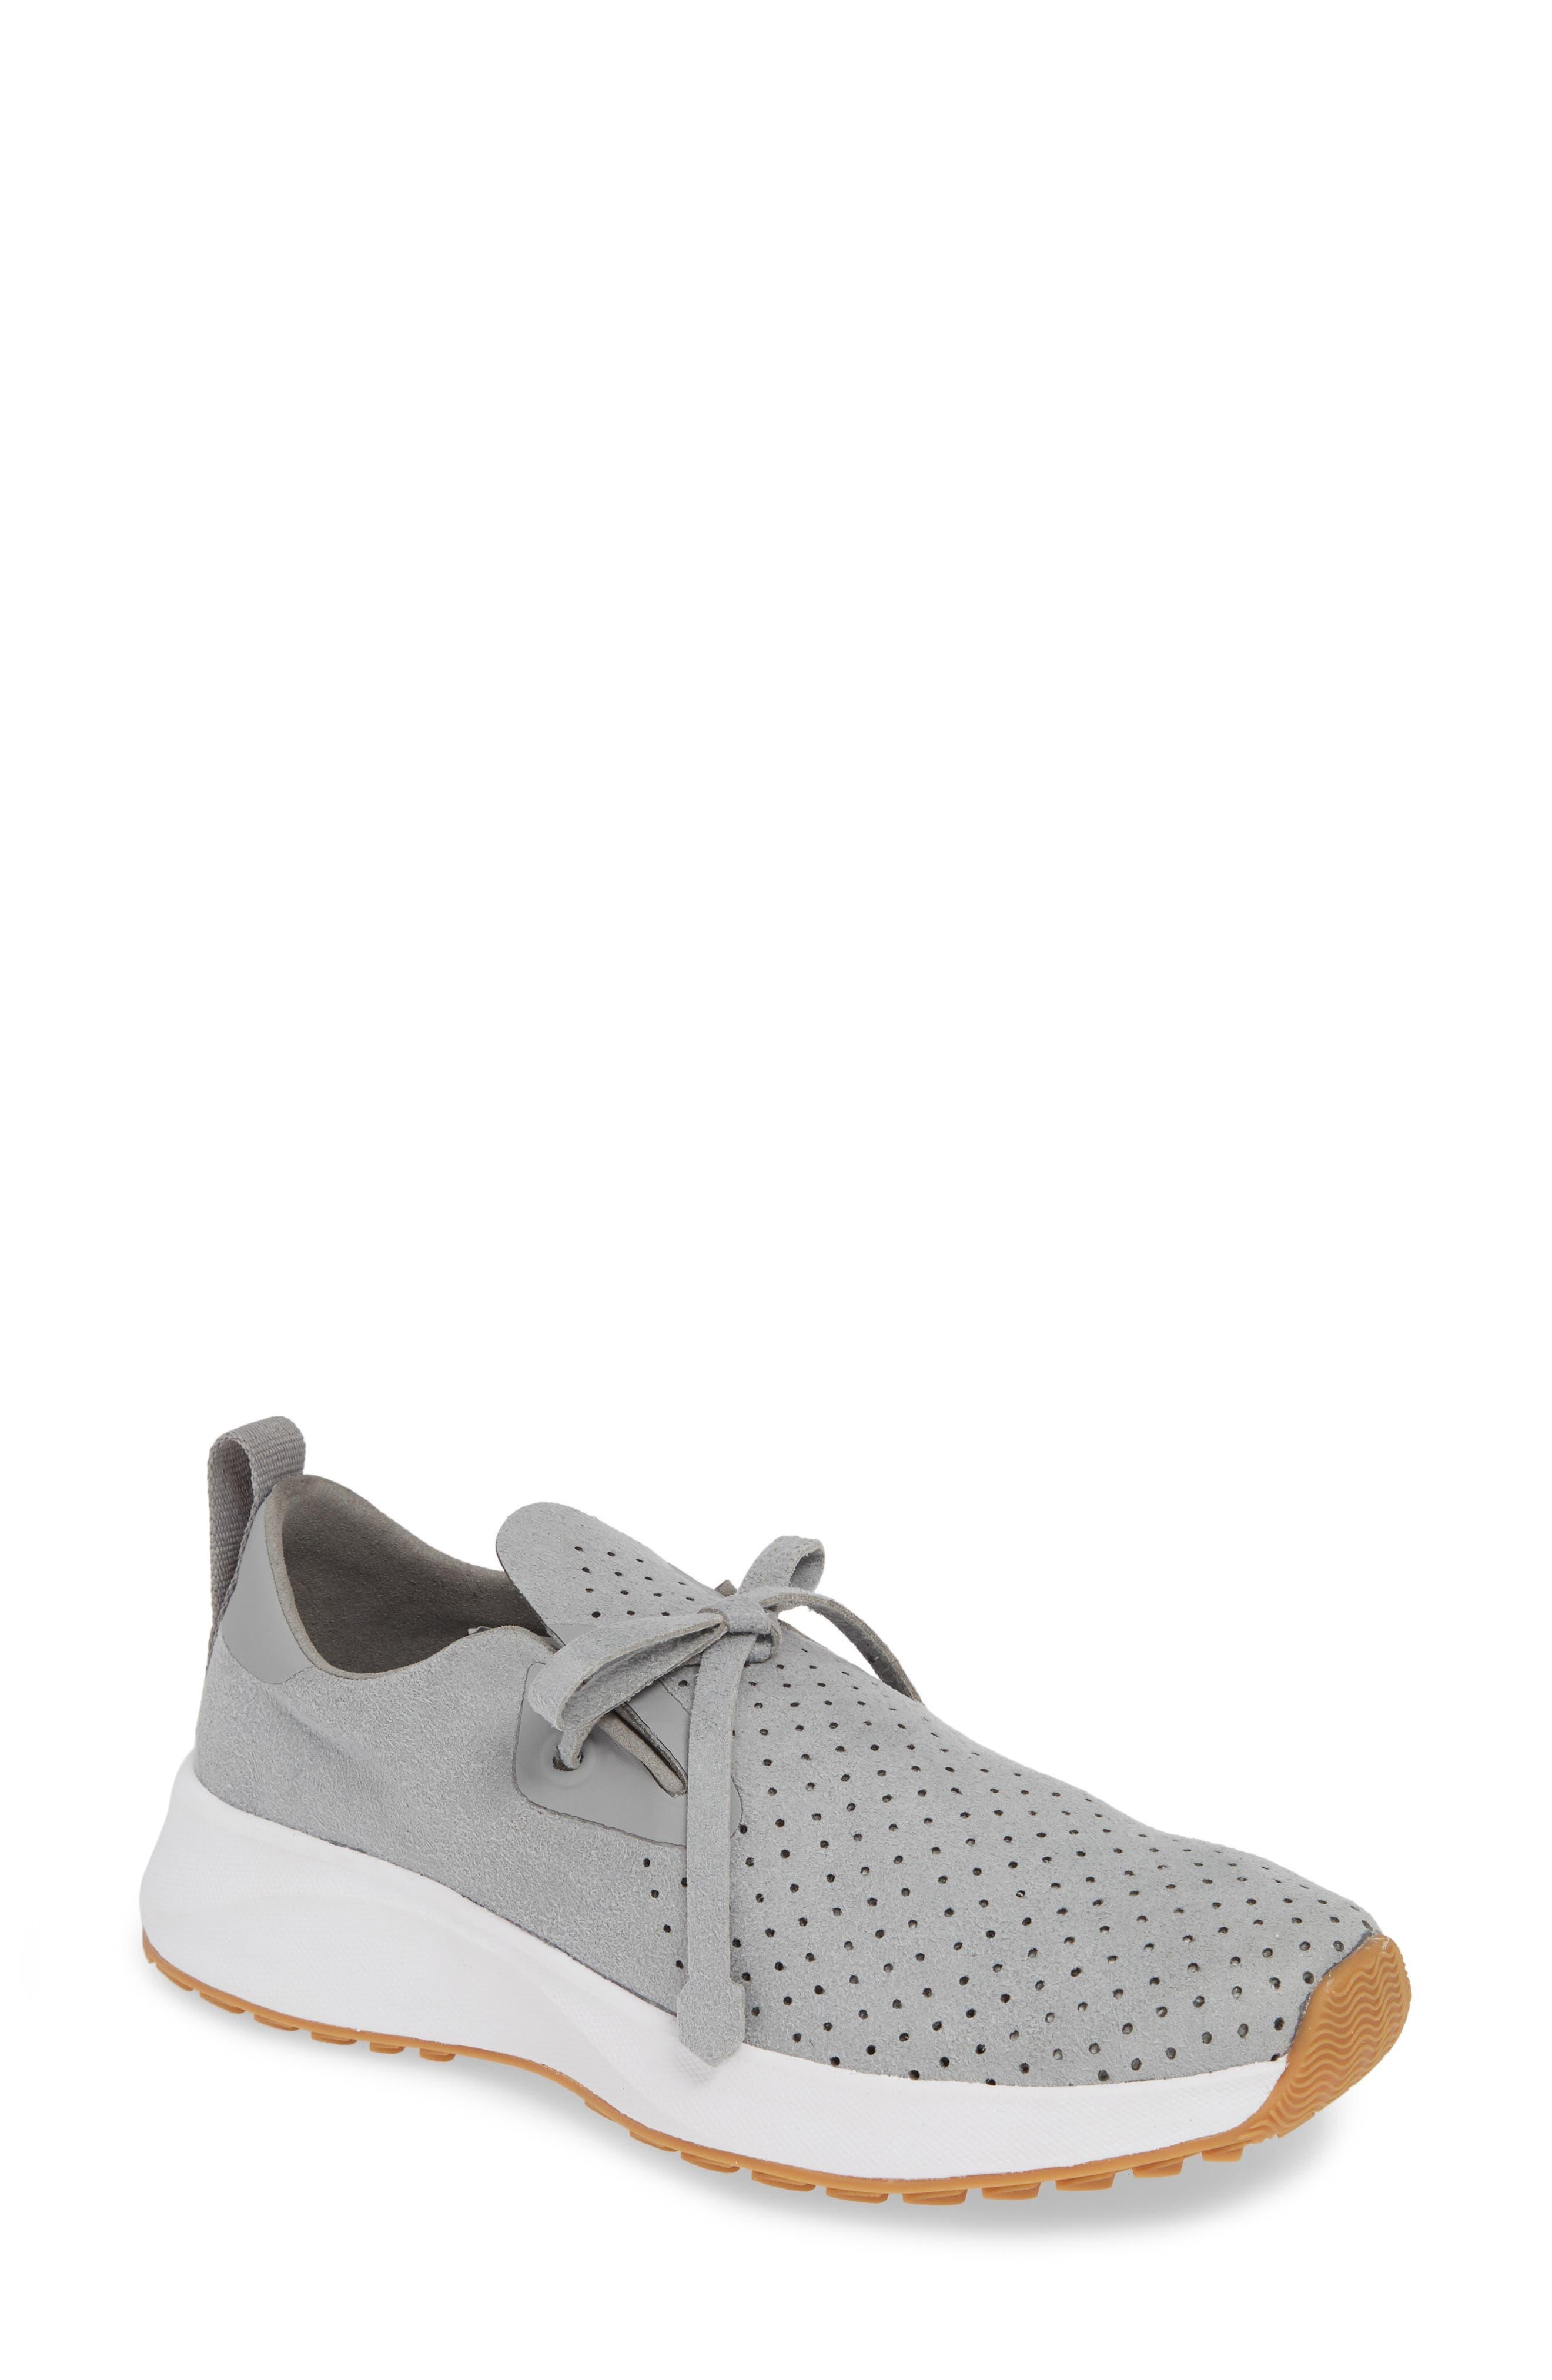 Native Shoes Apollo 2.0 Sneaker, Grey